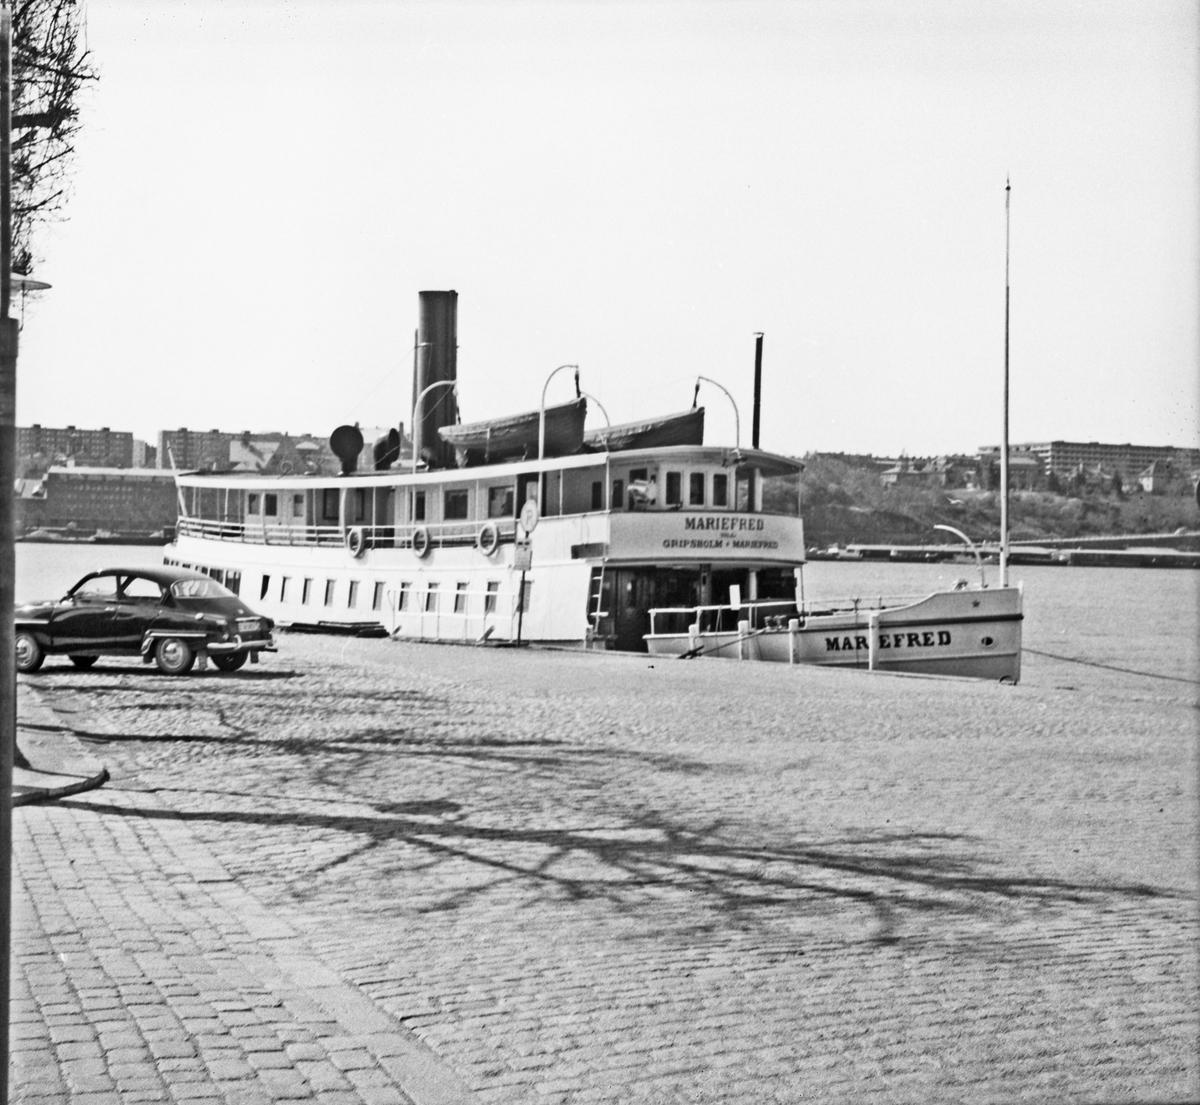 Fartyg: MARIEFRED                      Bredd över allt 6,07 meter Längd över allt 32,64 meter Reg. Nr.: 4141 Rederi: Gripsholm-Mariefreds Ångf AB Byggår: 1903 Varv: Södra Varvet, William Lindbergs MV & Varfs AB